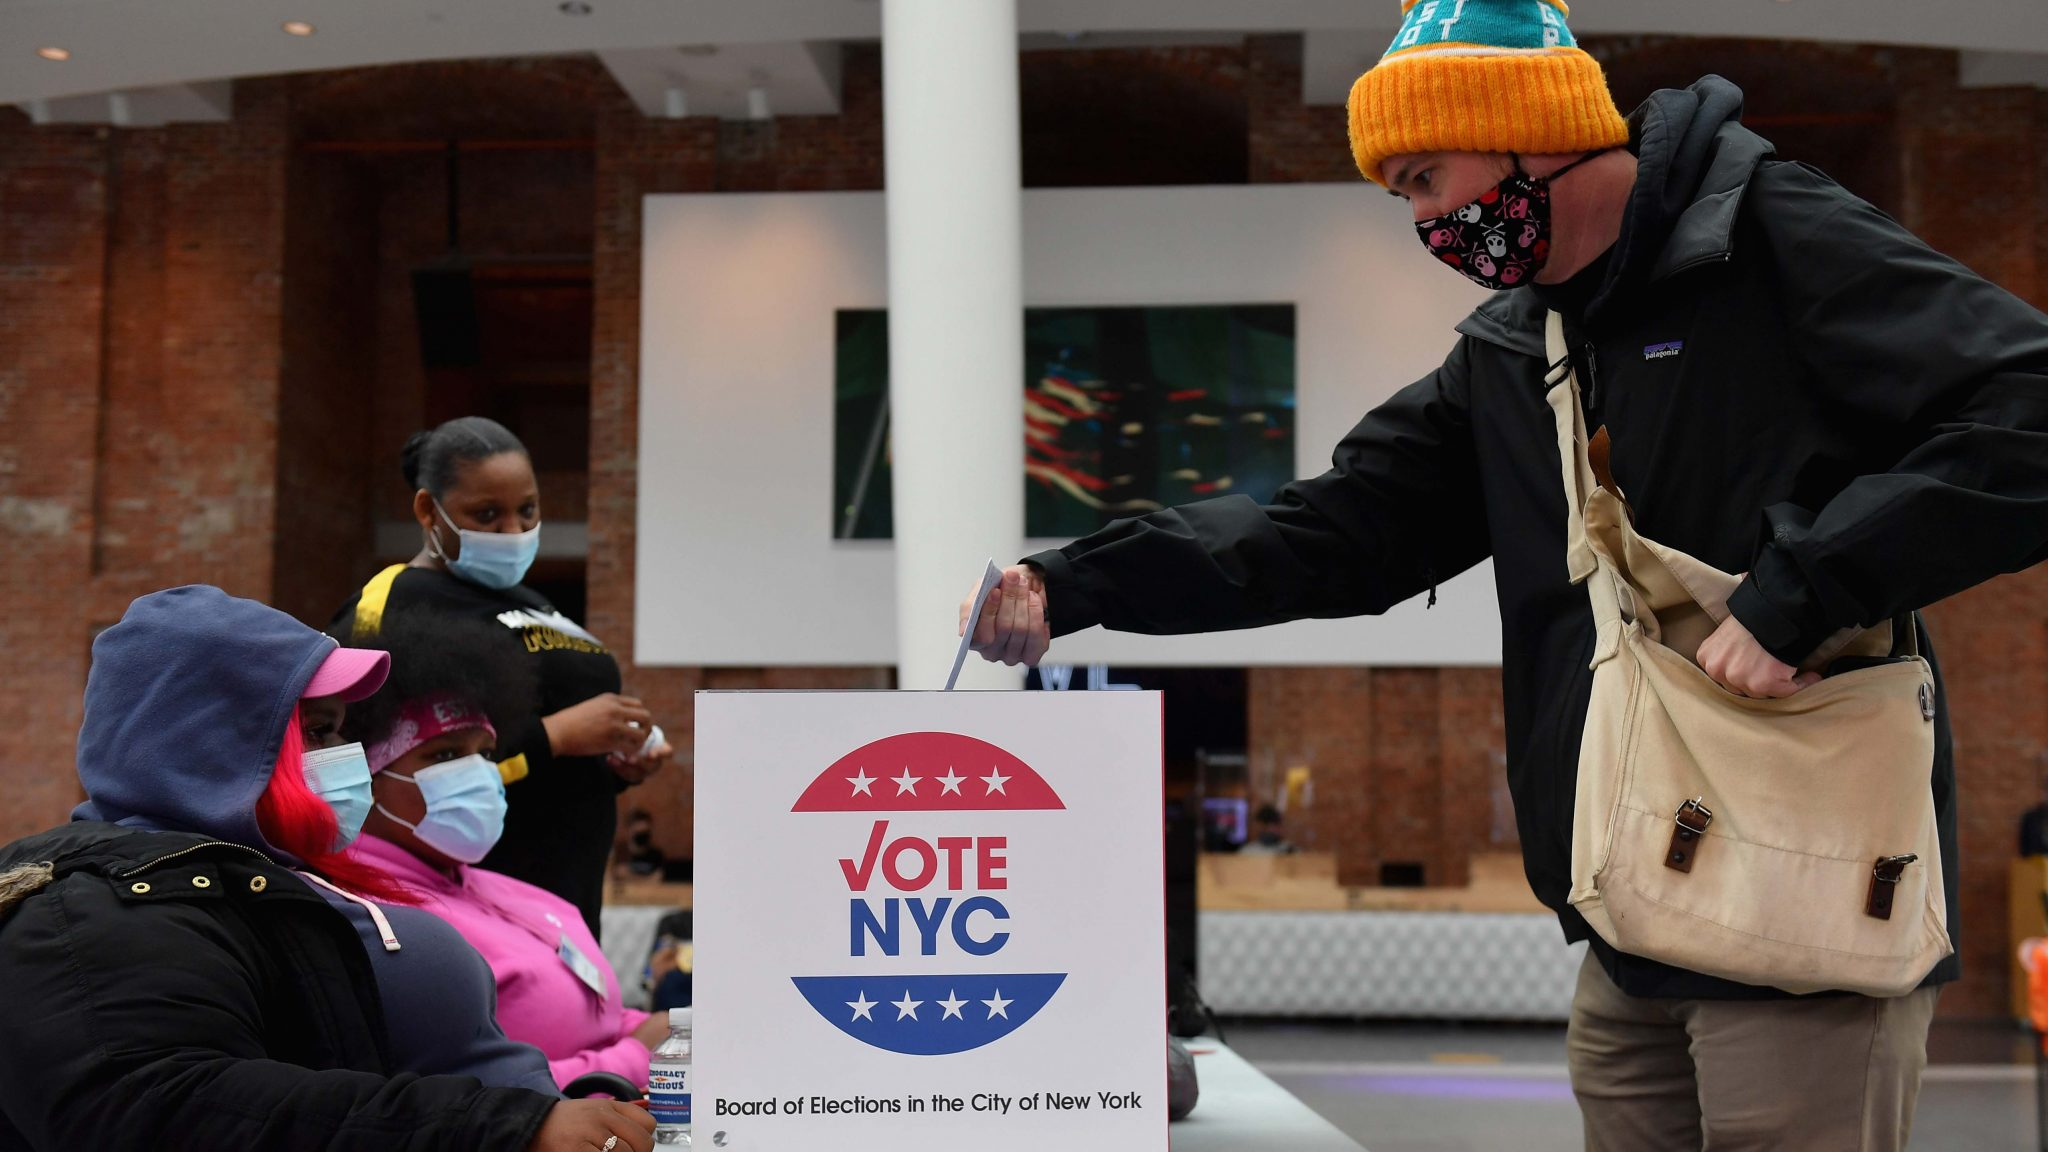 U.S early ballots hit 90 million on Friday